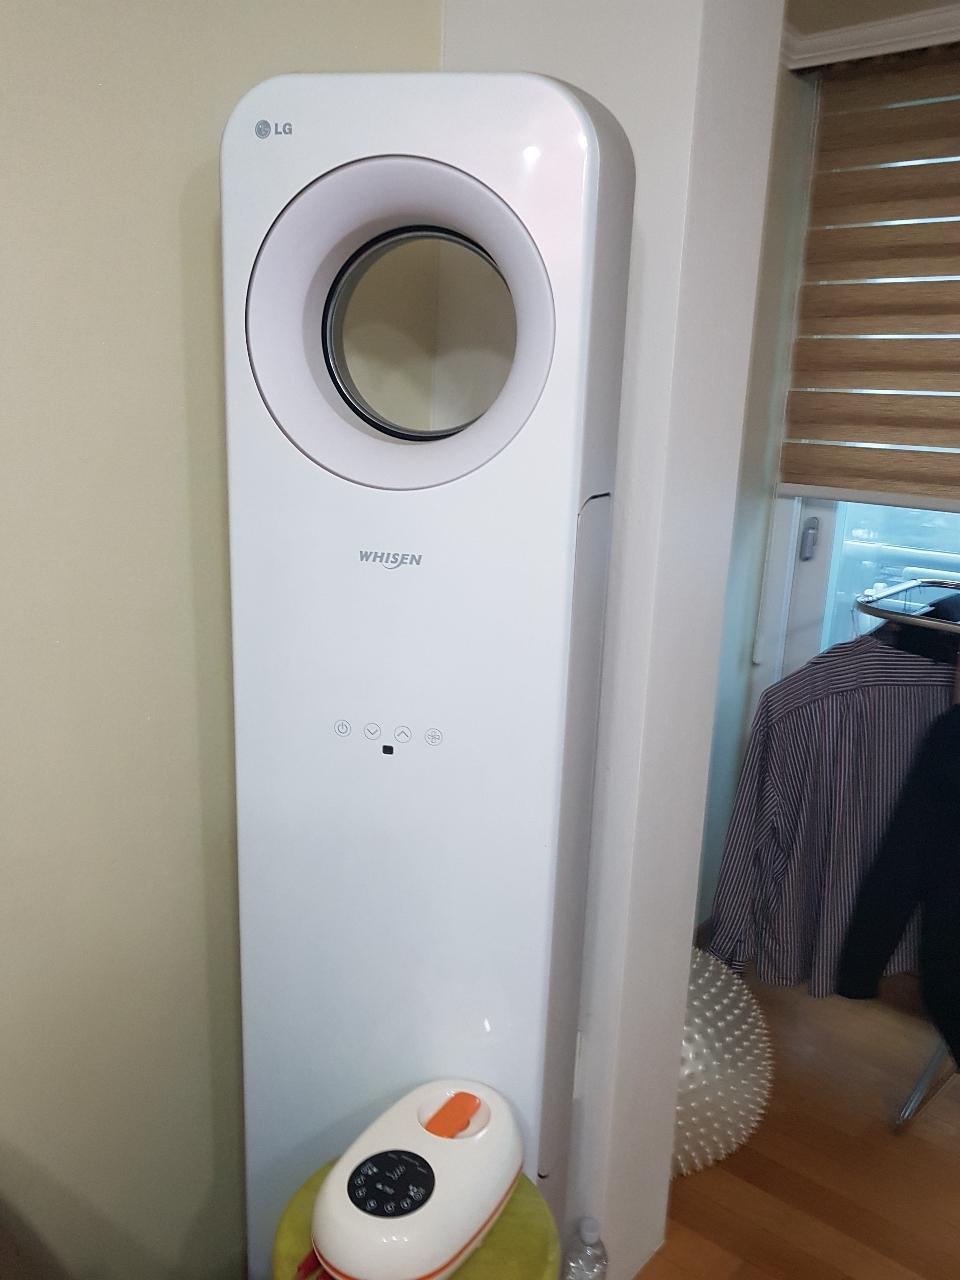 LG 휘센 트윈에어콘(스탠드+벽걸이+실외기+엥글포함)